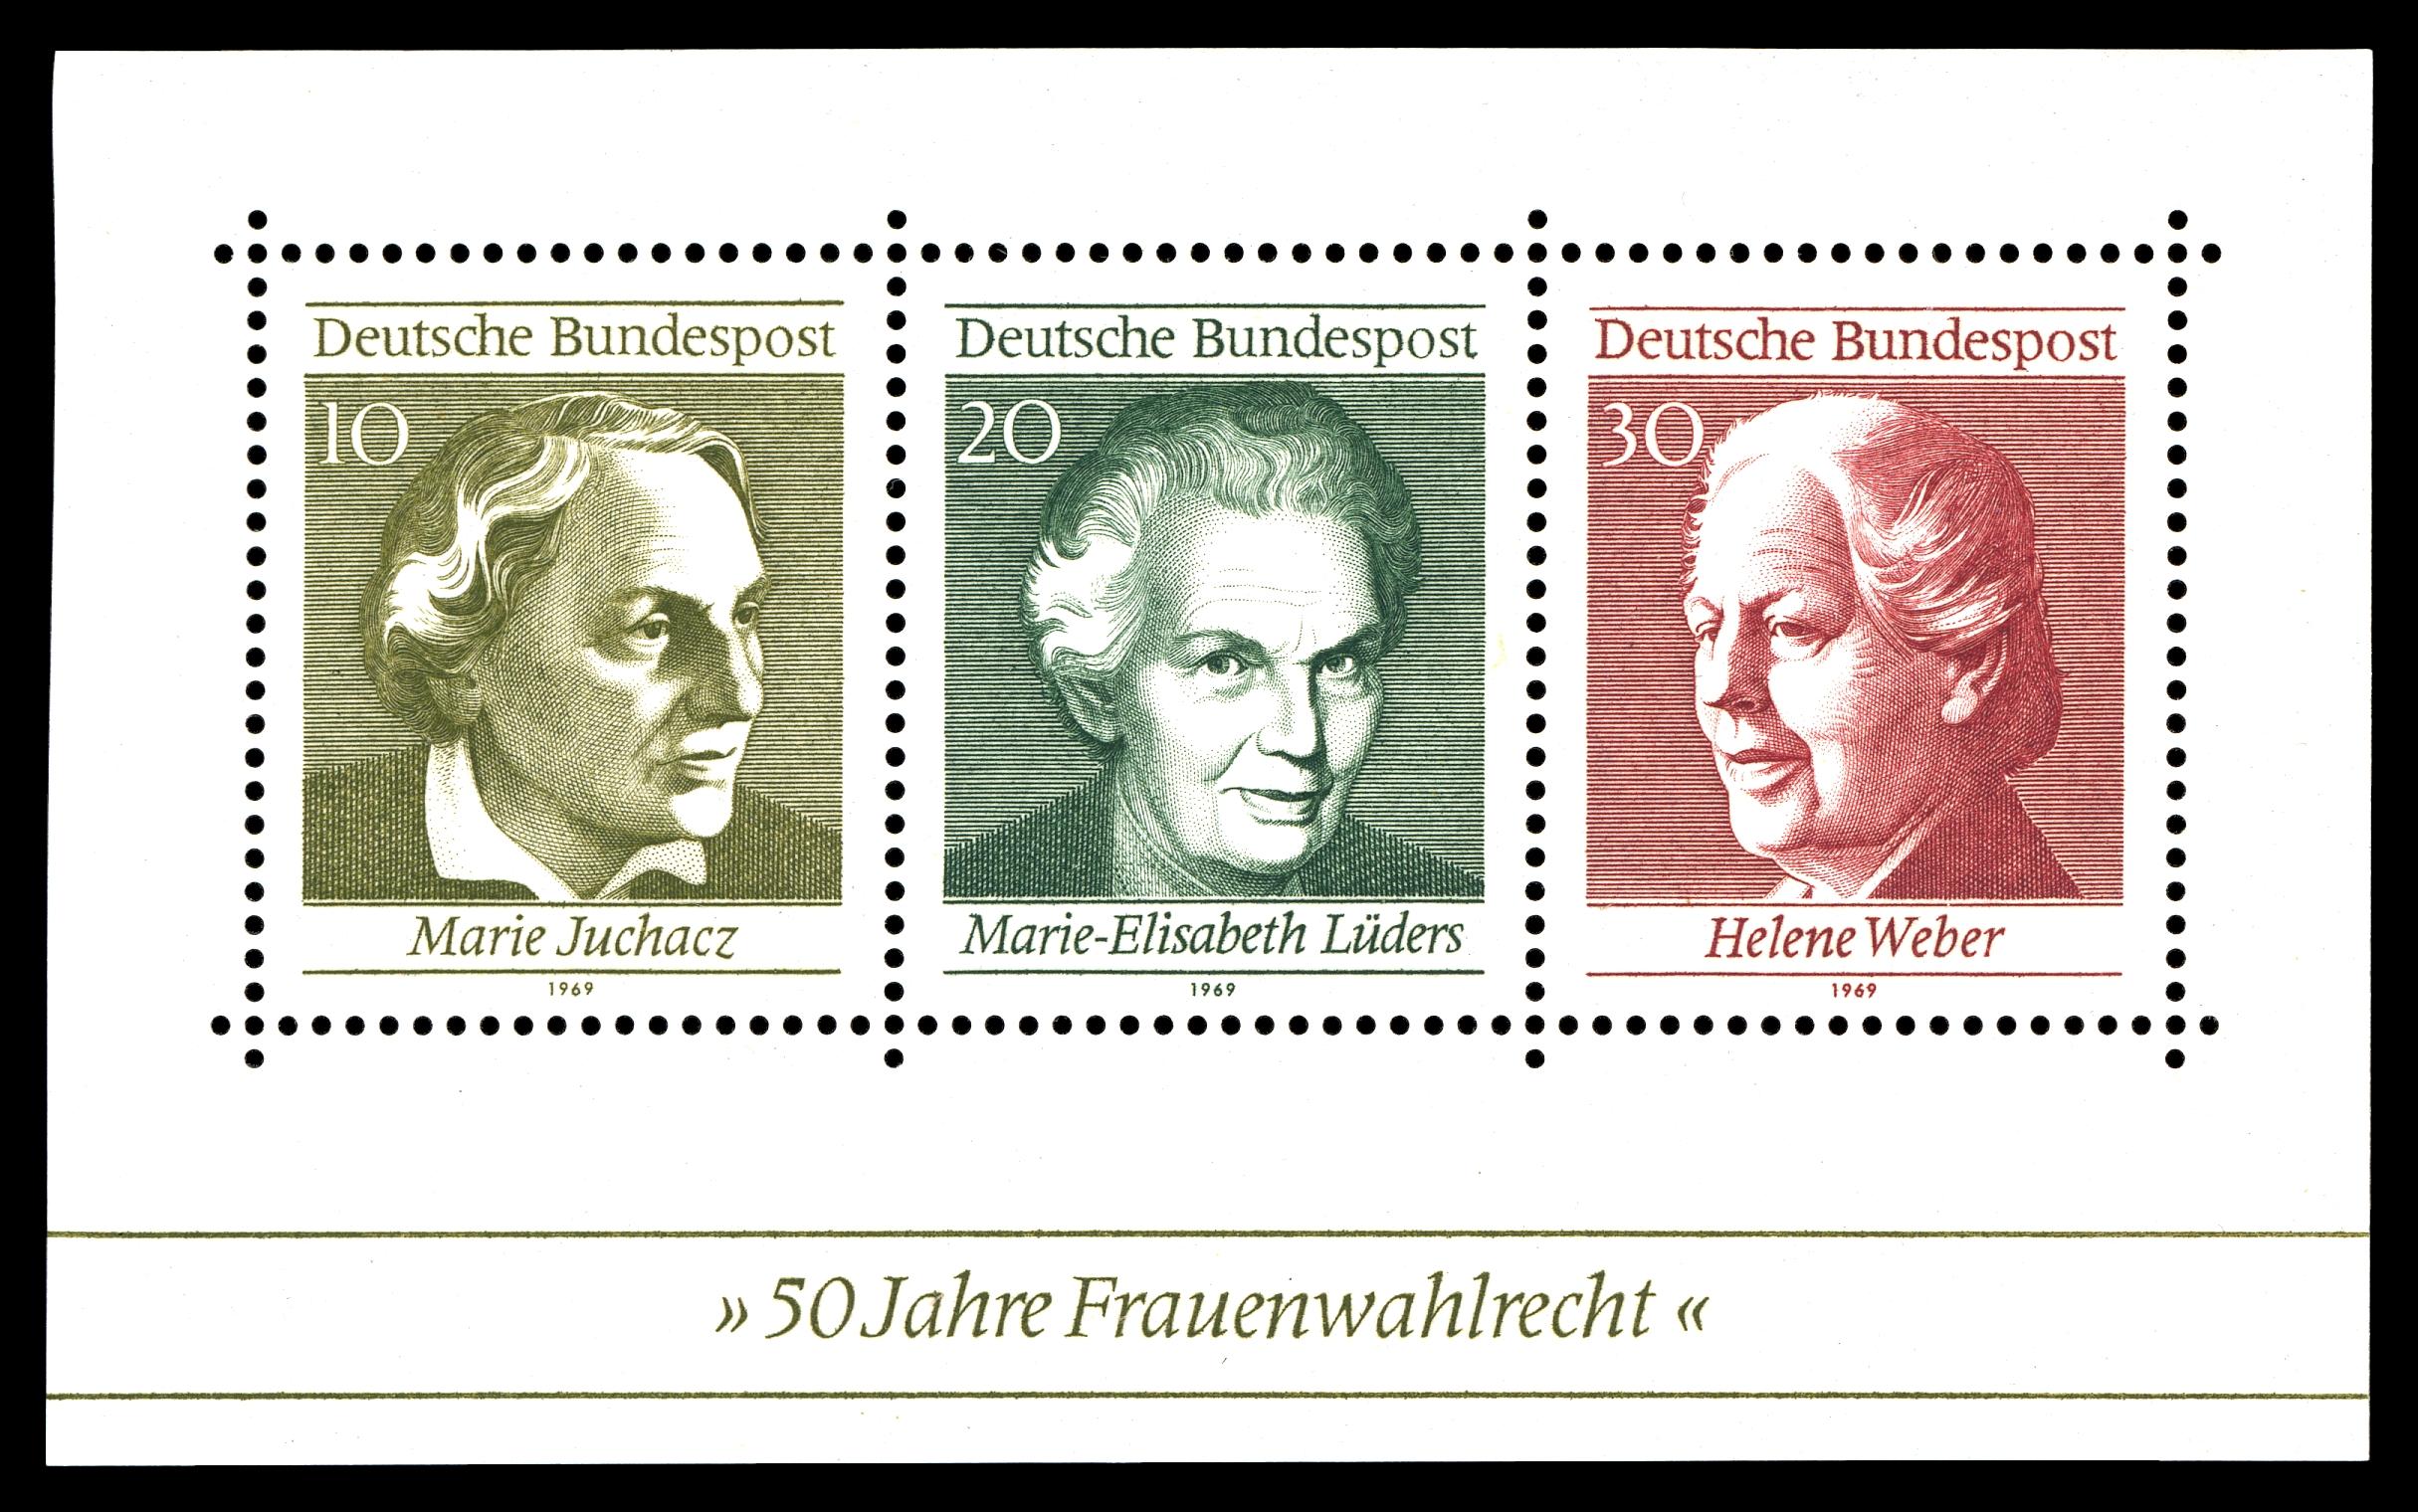 Briefmarken Jahrgang 1969 Der Deutschen Bundespost Wikipedia